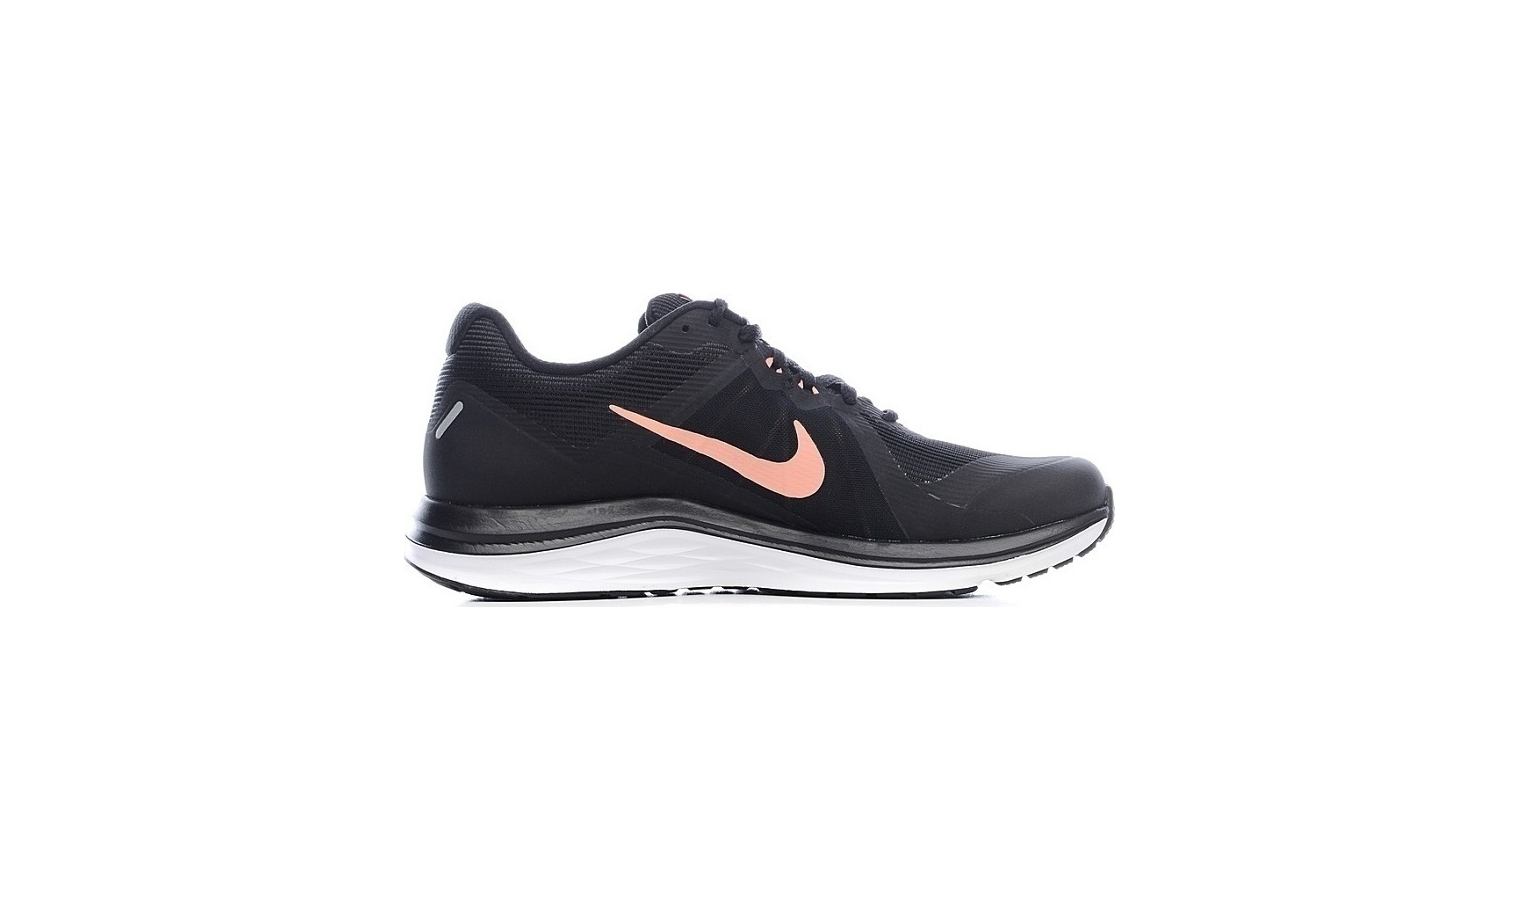 ... Dámské běžecké boty Nike DUAL FUSION X 2 černé. Sleva dedfc9f4e1